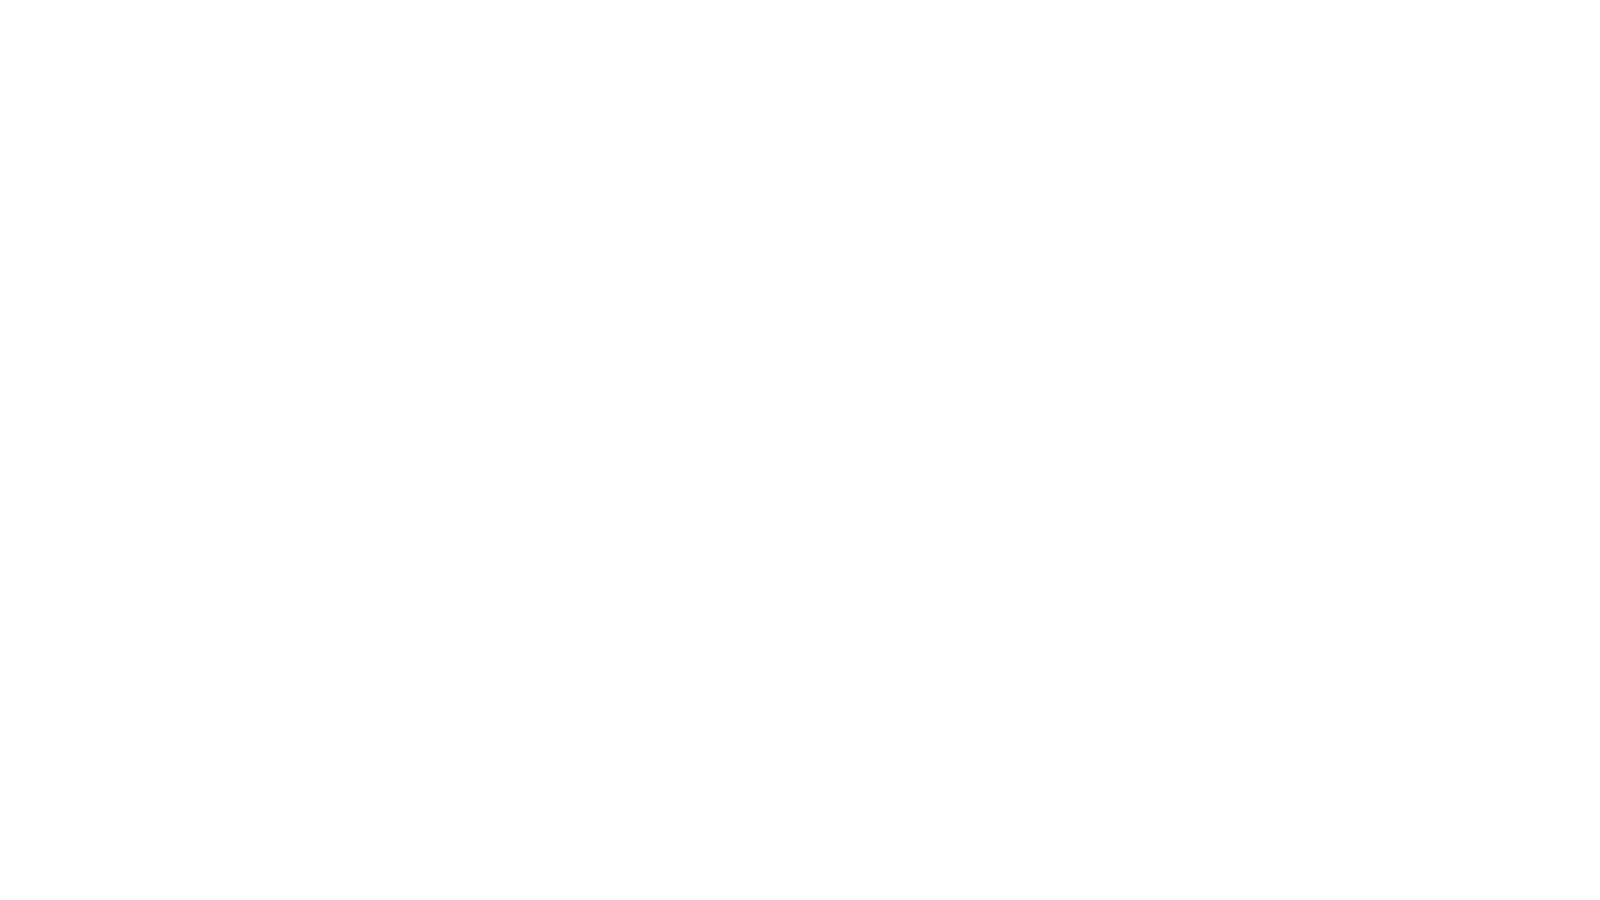 キャンピングカー製作販売をしておりますオーエムシーがハイエースワイドミドルルーフをベース車に「北斗対座モデル」を製作しました。  チャンネル登録はこちら→ http://www.youtube.com/channel/info@omc-camper.co.jp?sub_confirmation=1  北斗対座モデルは、ハイエース ワイドミドル スーパーGLをベース車としております。 全高2.1mなので立体駐車場も入れます。  お二人用対座ダイネット 二段ベット&3人掛けソファー トイレルーム バッテリで稼働するクーラー(オプション) キッチン  乗車定員 7名 就寝定員 3~4名  対座ダイネットでお食事した後、すぐに二段ベッドでお休みになれます。 リアは冷蔵庫、電子レンジ、シンクを備えたキッチンとトイレルームになっております。  北斗対座モデルHP https://omc-camper.co.jp/lineup/201_ht/ オーエムシーHP https://omc-camper.co.jp/  【オーエムシーのキャンピングカー関連動画】  キャンピングカーfanさん取材 【北斗 対座ダイネットモデル:オーエムシー】ハイエースバンコンキャンピングカー:人気の「北斗」に対座ダイネットレイアウトが追加  https://www.youtube.com/watch?v=pQ5t5SMbUnk  オーエムシーでは一台一台、車に合わせて家具、縫製など自社工場で一貫製作しております。 シート生地、家具、床材、カーテンなどの色を選べます。 工場は展示場のすぐ近くにありますので、アフターメンテナンスも安心です。 展示場にはオーエムシーオリジナルキャンピングカーを展示しております。 ベッドの広さや寝心地をお確かめになったり、シート展開などご覧になれます。 ご希望の方はご予約いただければ試乗や工場見学などもできます。 アットホームな会社なので、ぜひお気軽に遊びにいらっしゃってください。  オーエムシーご案内URL https://omc-camper.co.jp/calendar/  お気軽にお電話・メールなどお問合せください。